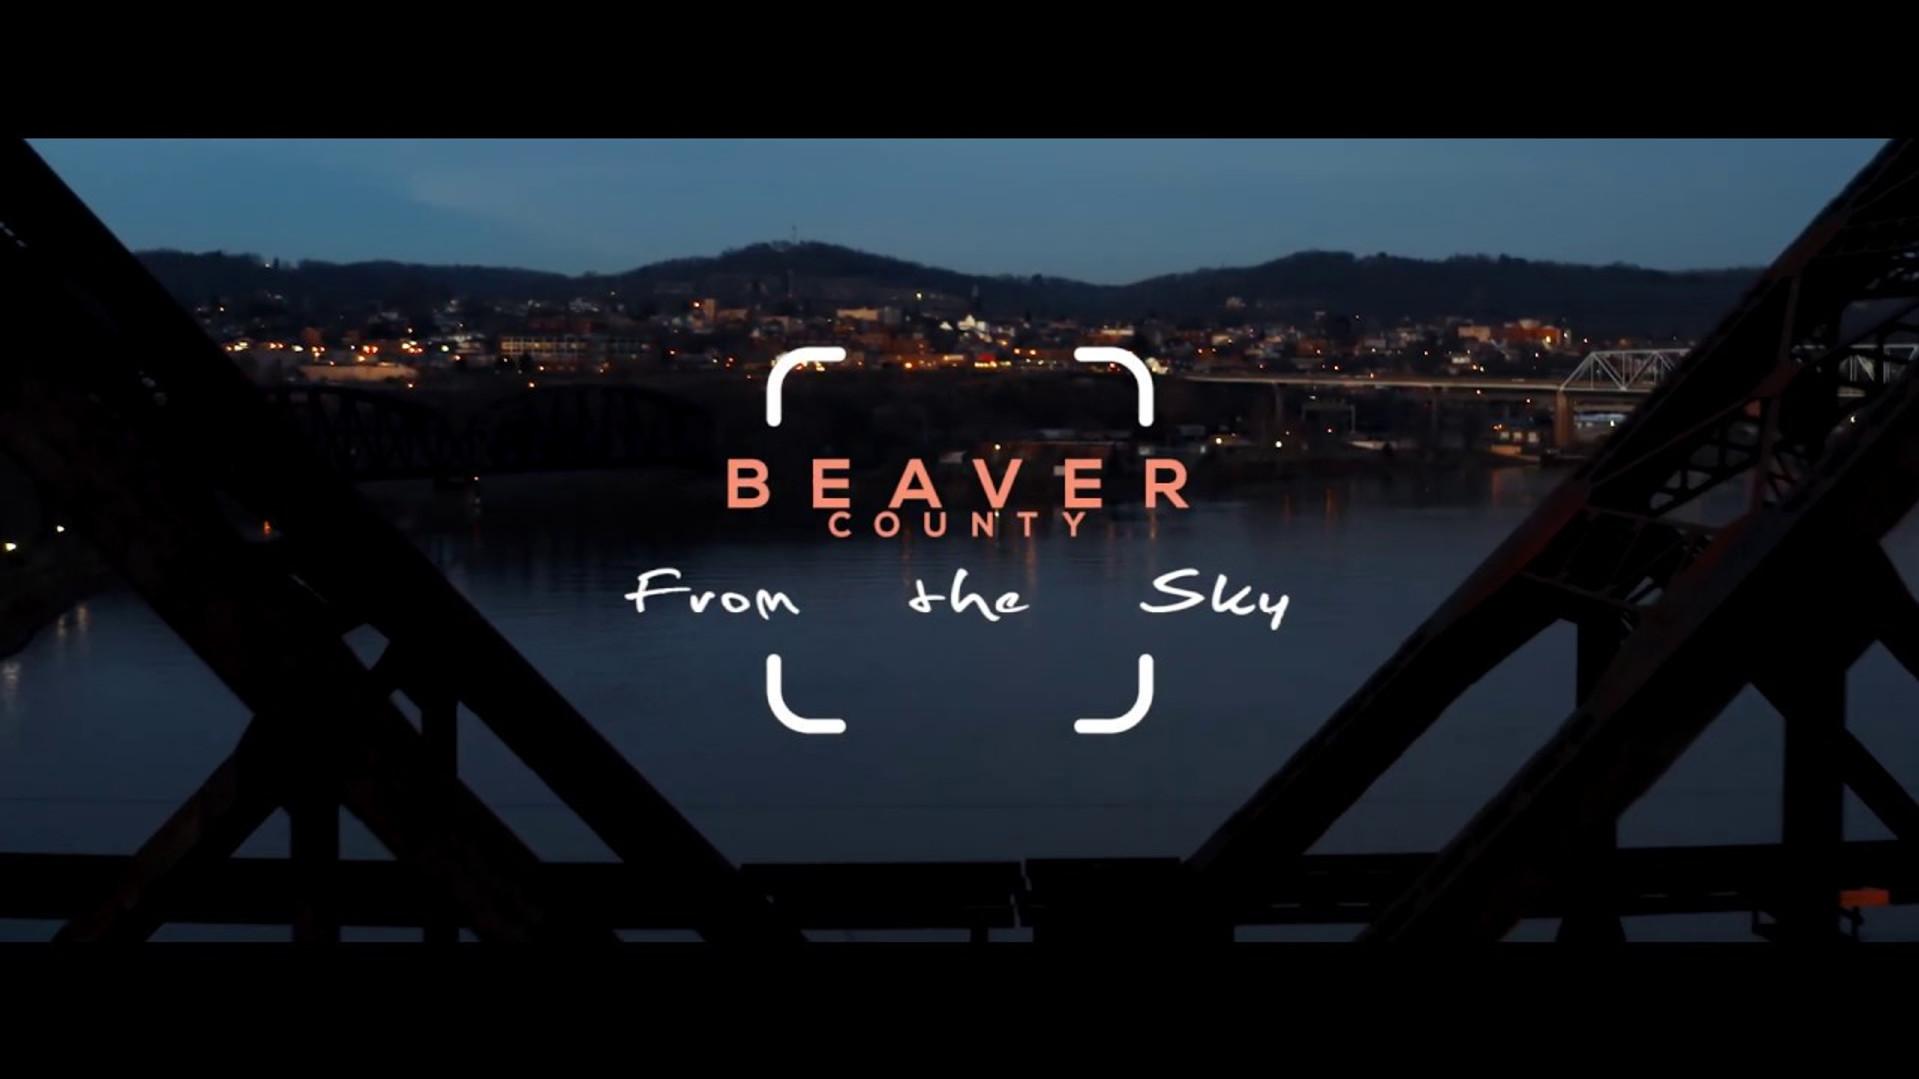 Ohio & Beaver Rivers